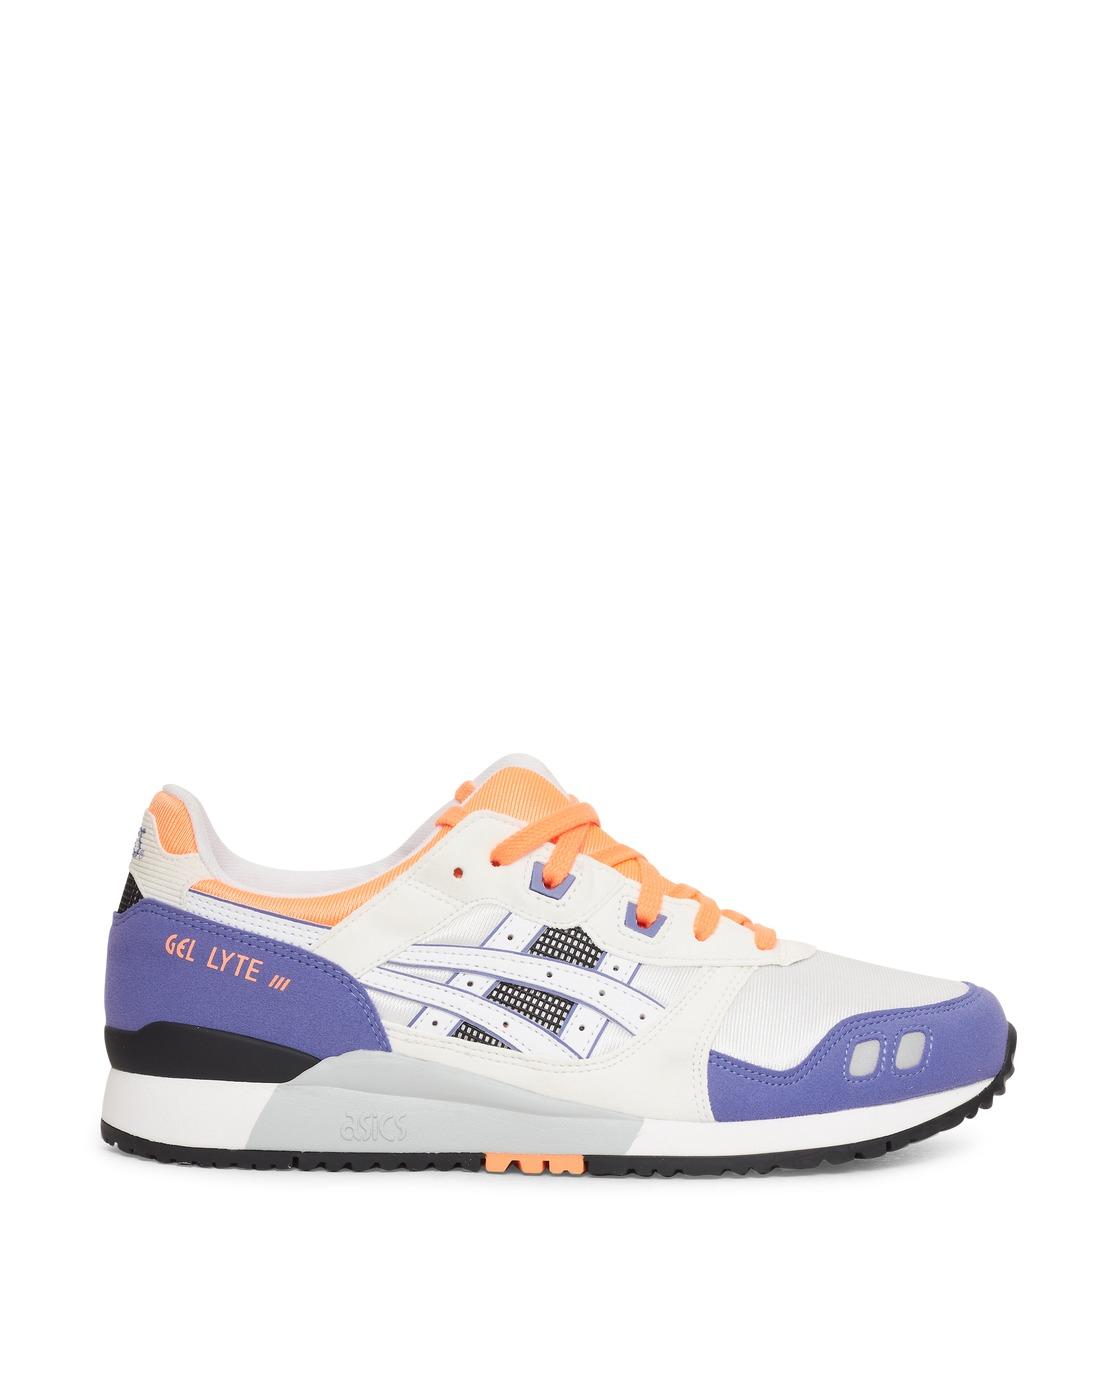 Asics Gel Lyte Iii Og Sneakers White/Orange